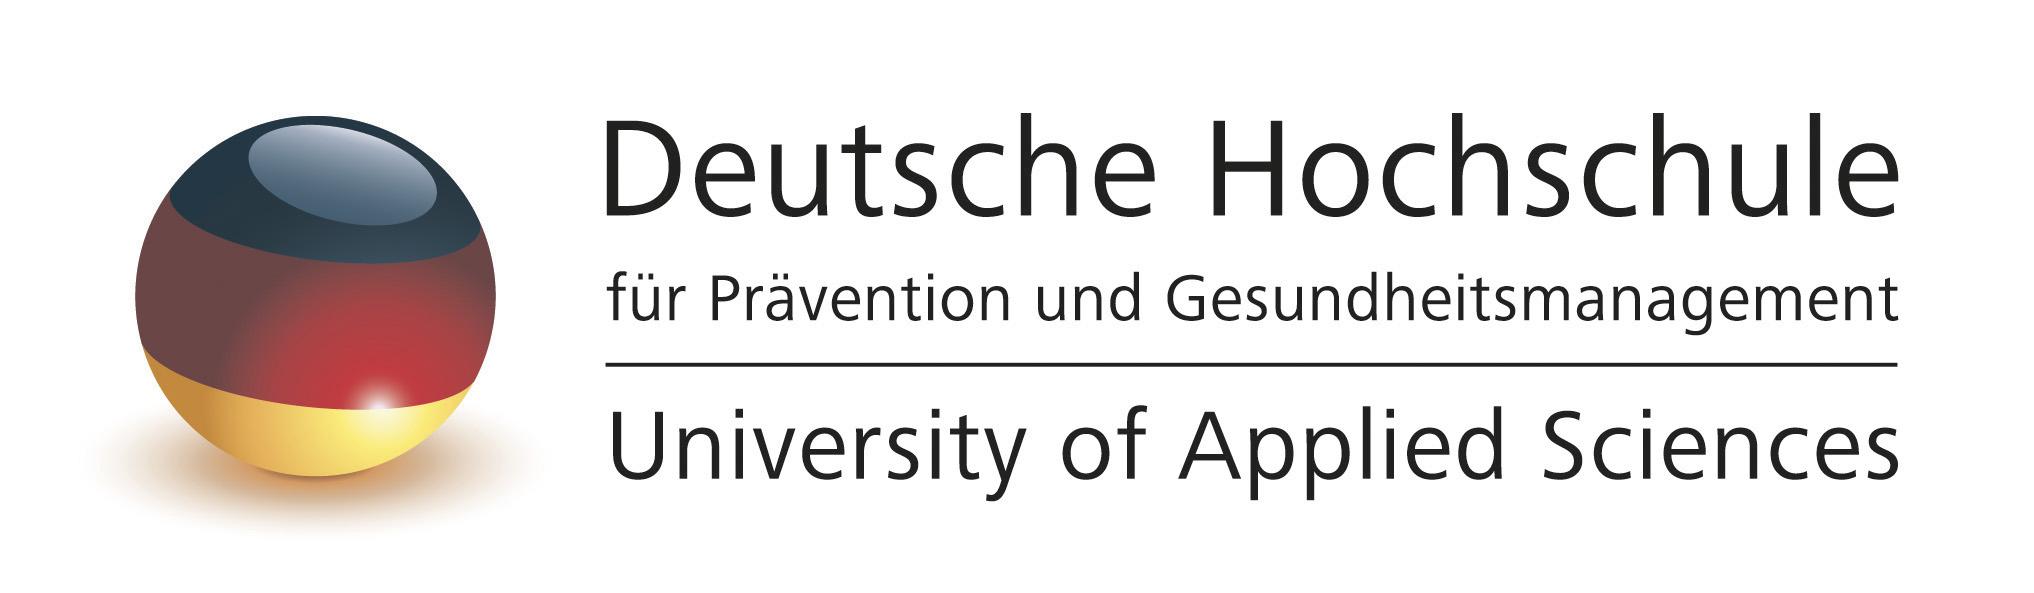 Deutsche Hochschule für Prävention und Gesundheitsmanagement (DHfPG)